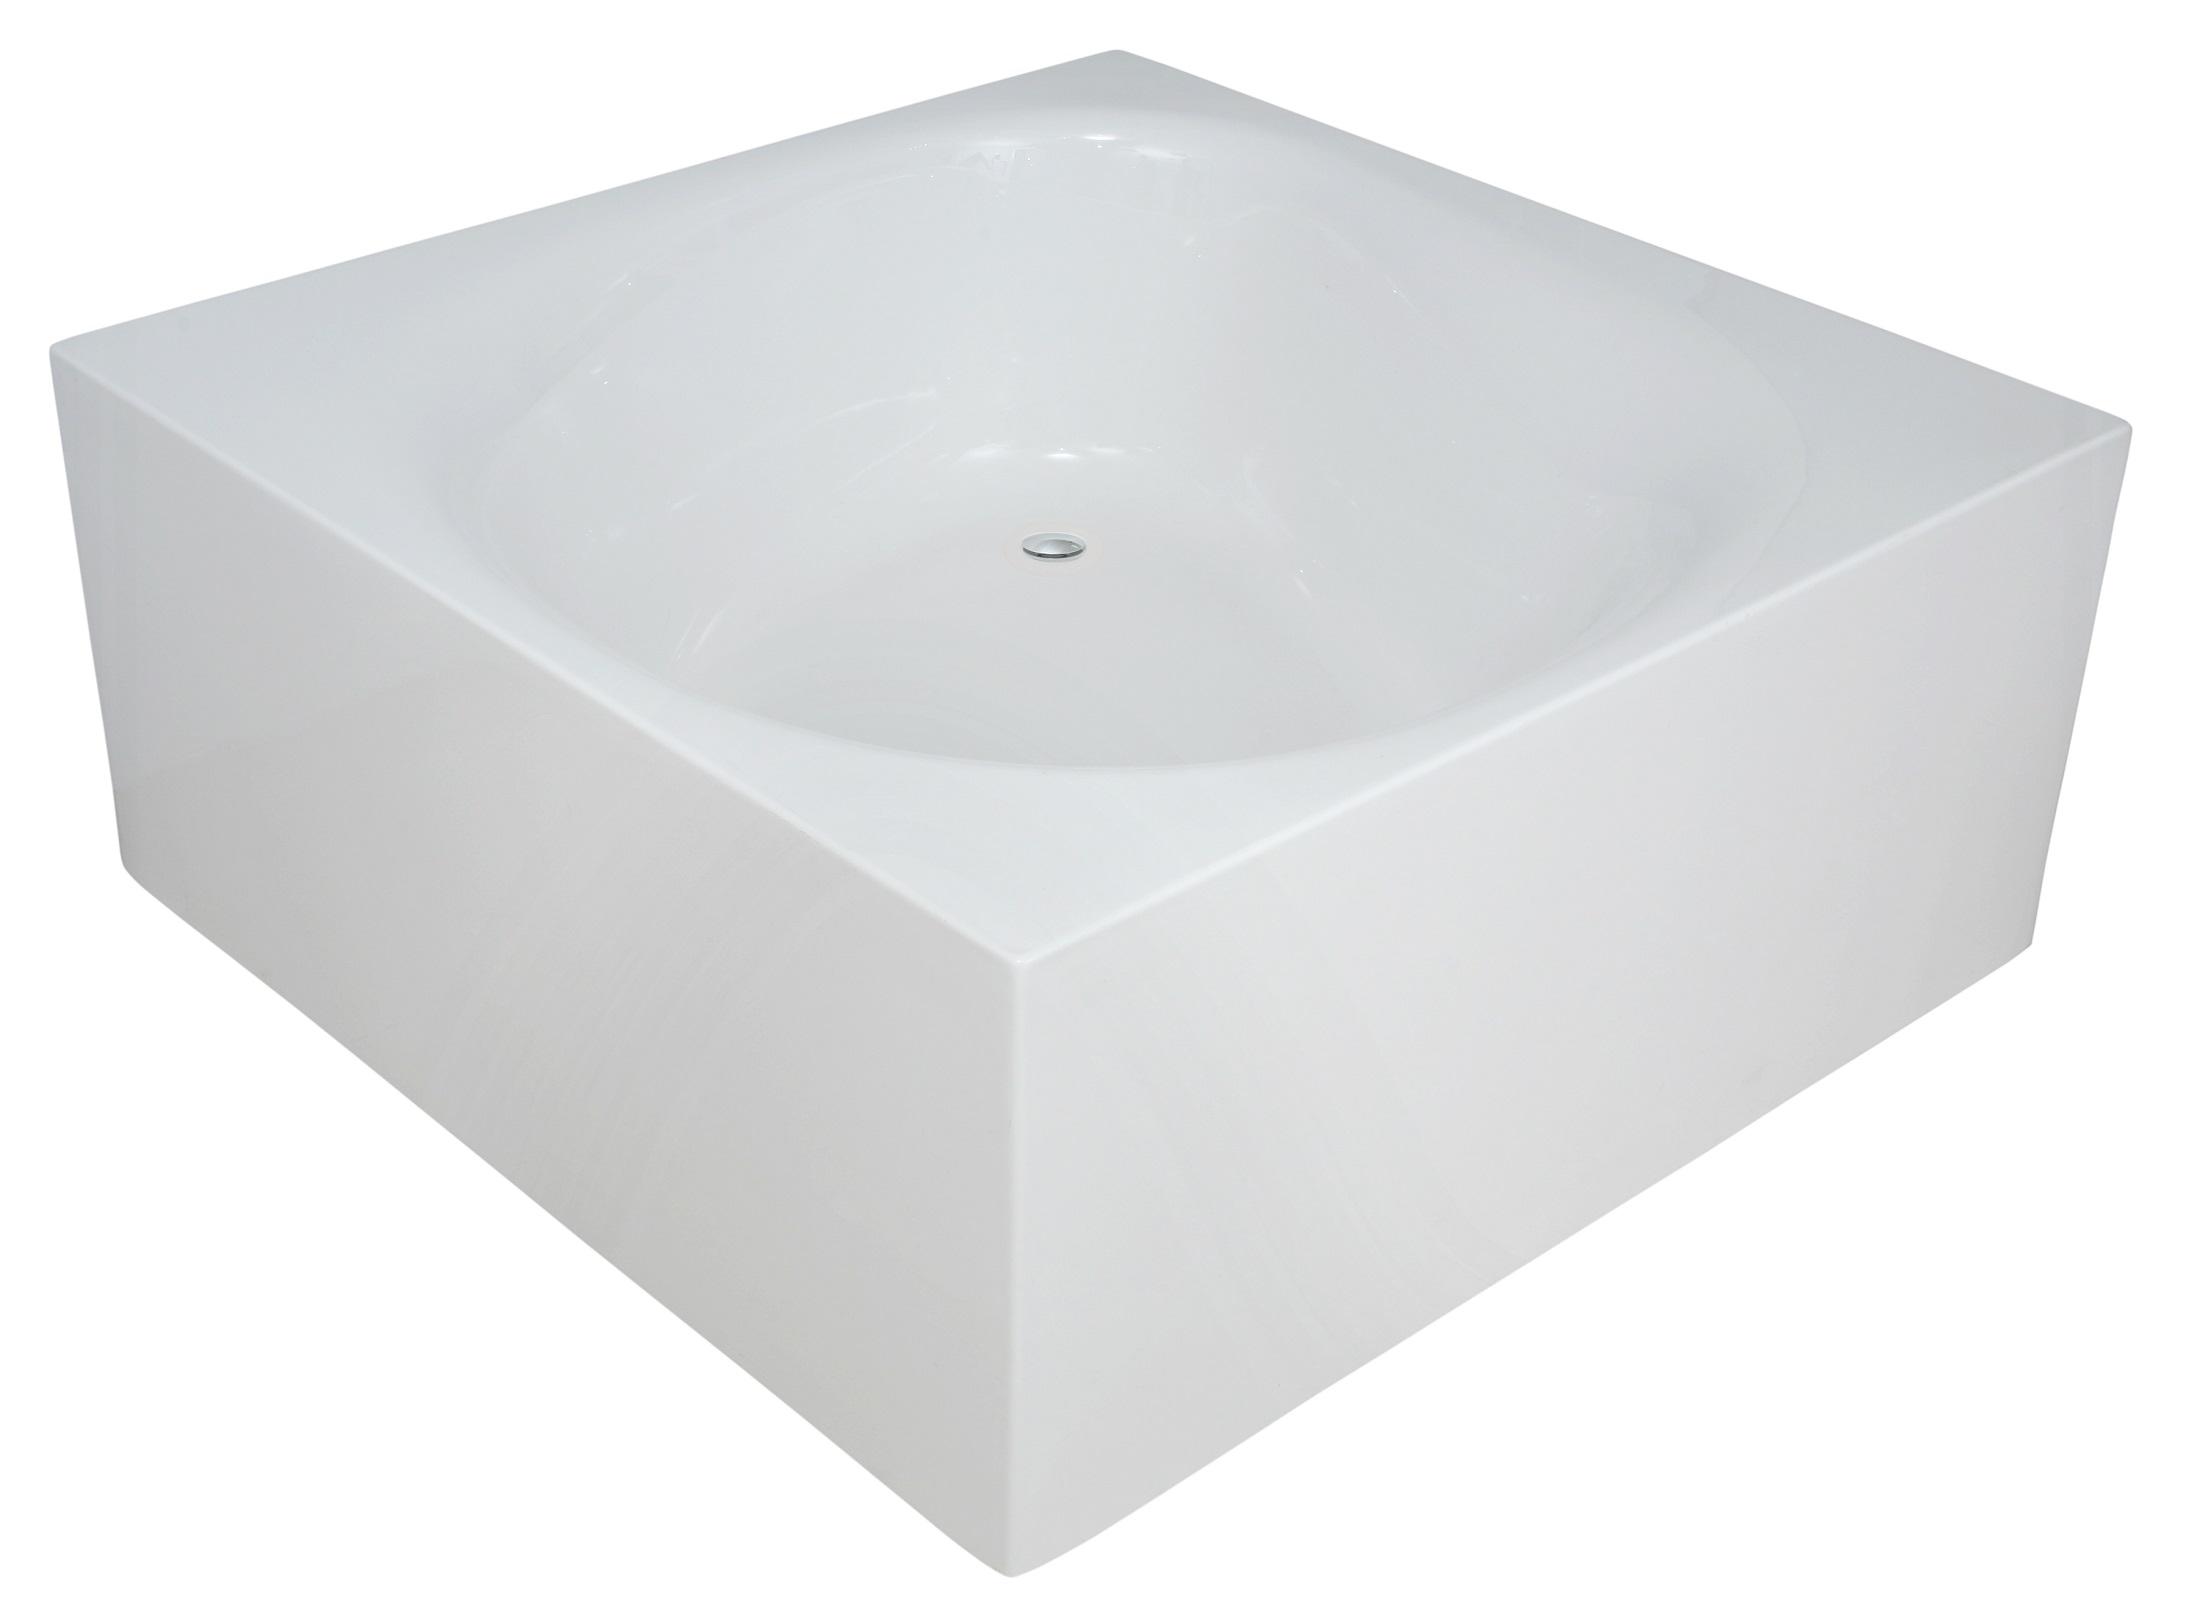 Liquid space par aquatica baignoire autoportante en acrylique for Peut on repeindre une baignoire